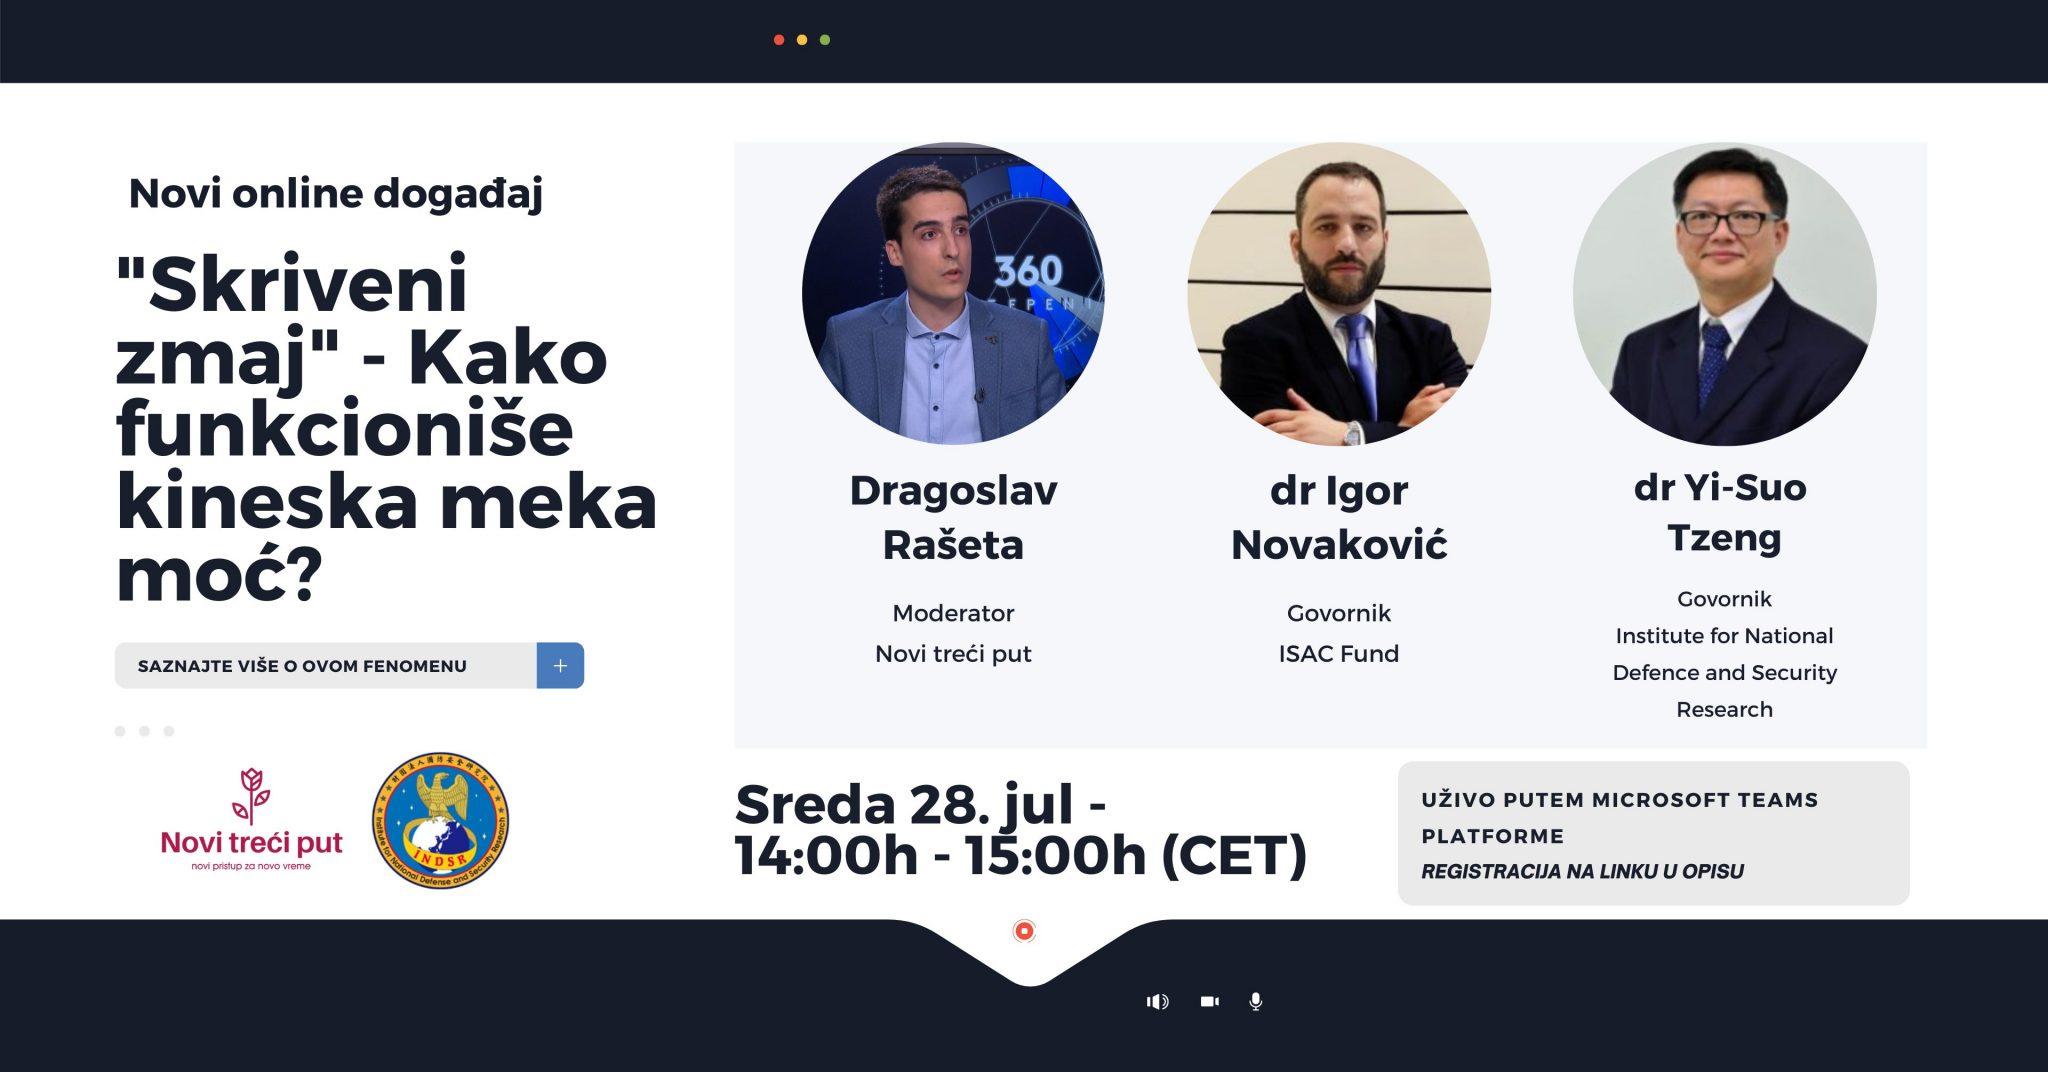 tajvan događaj srpski